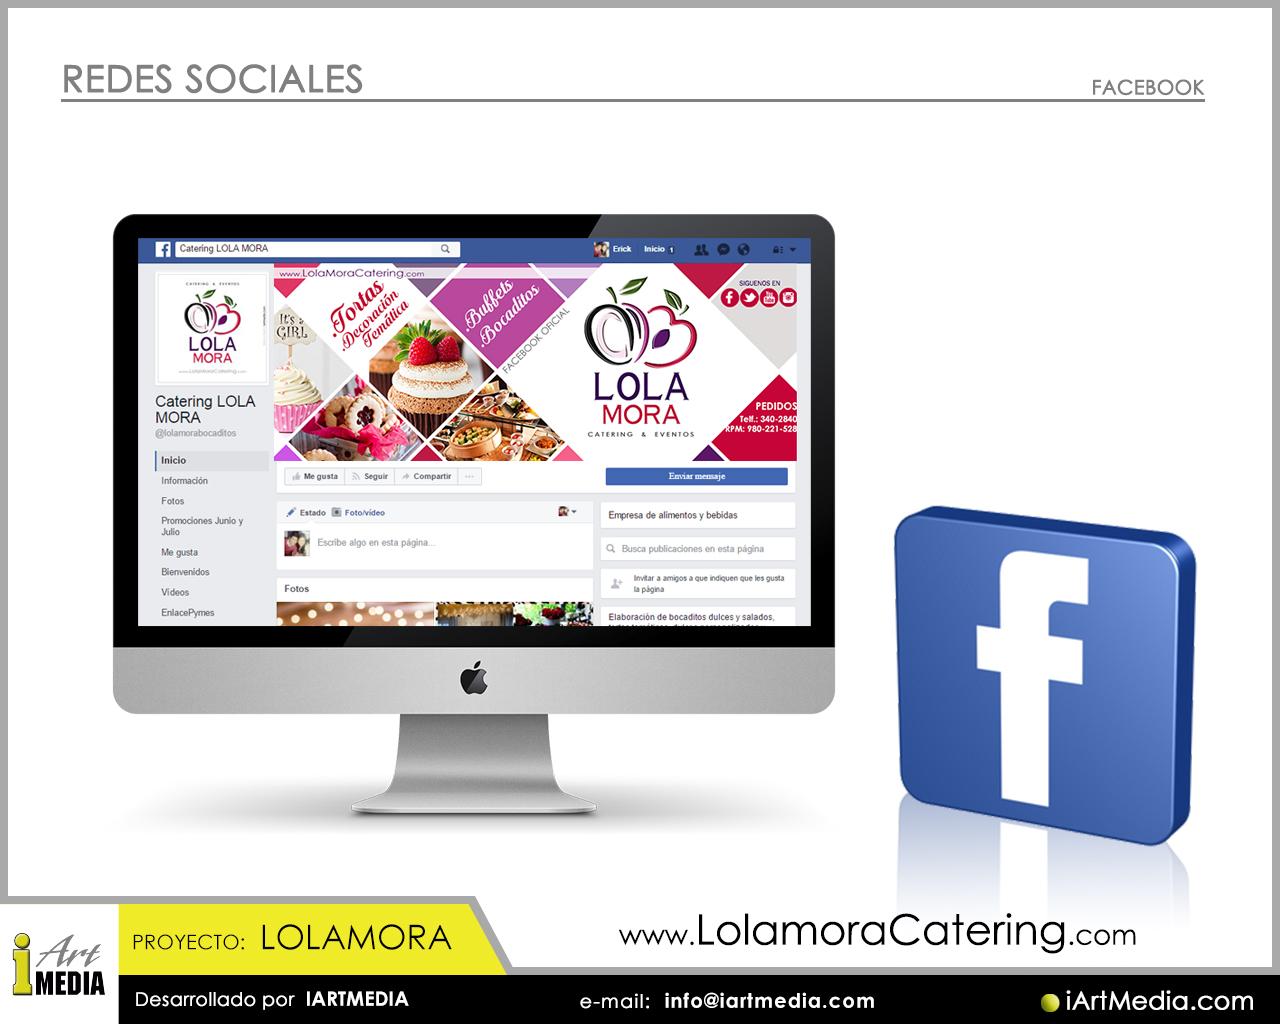 _redes_sociales_fb